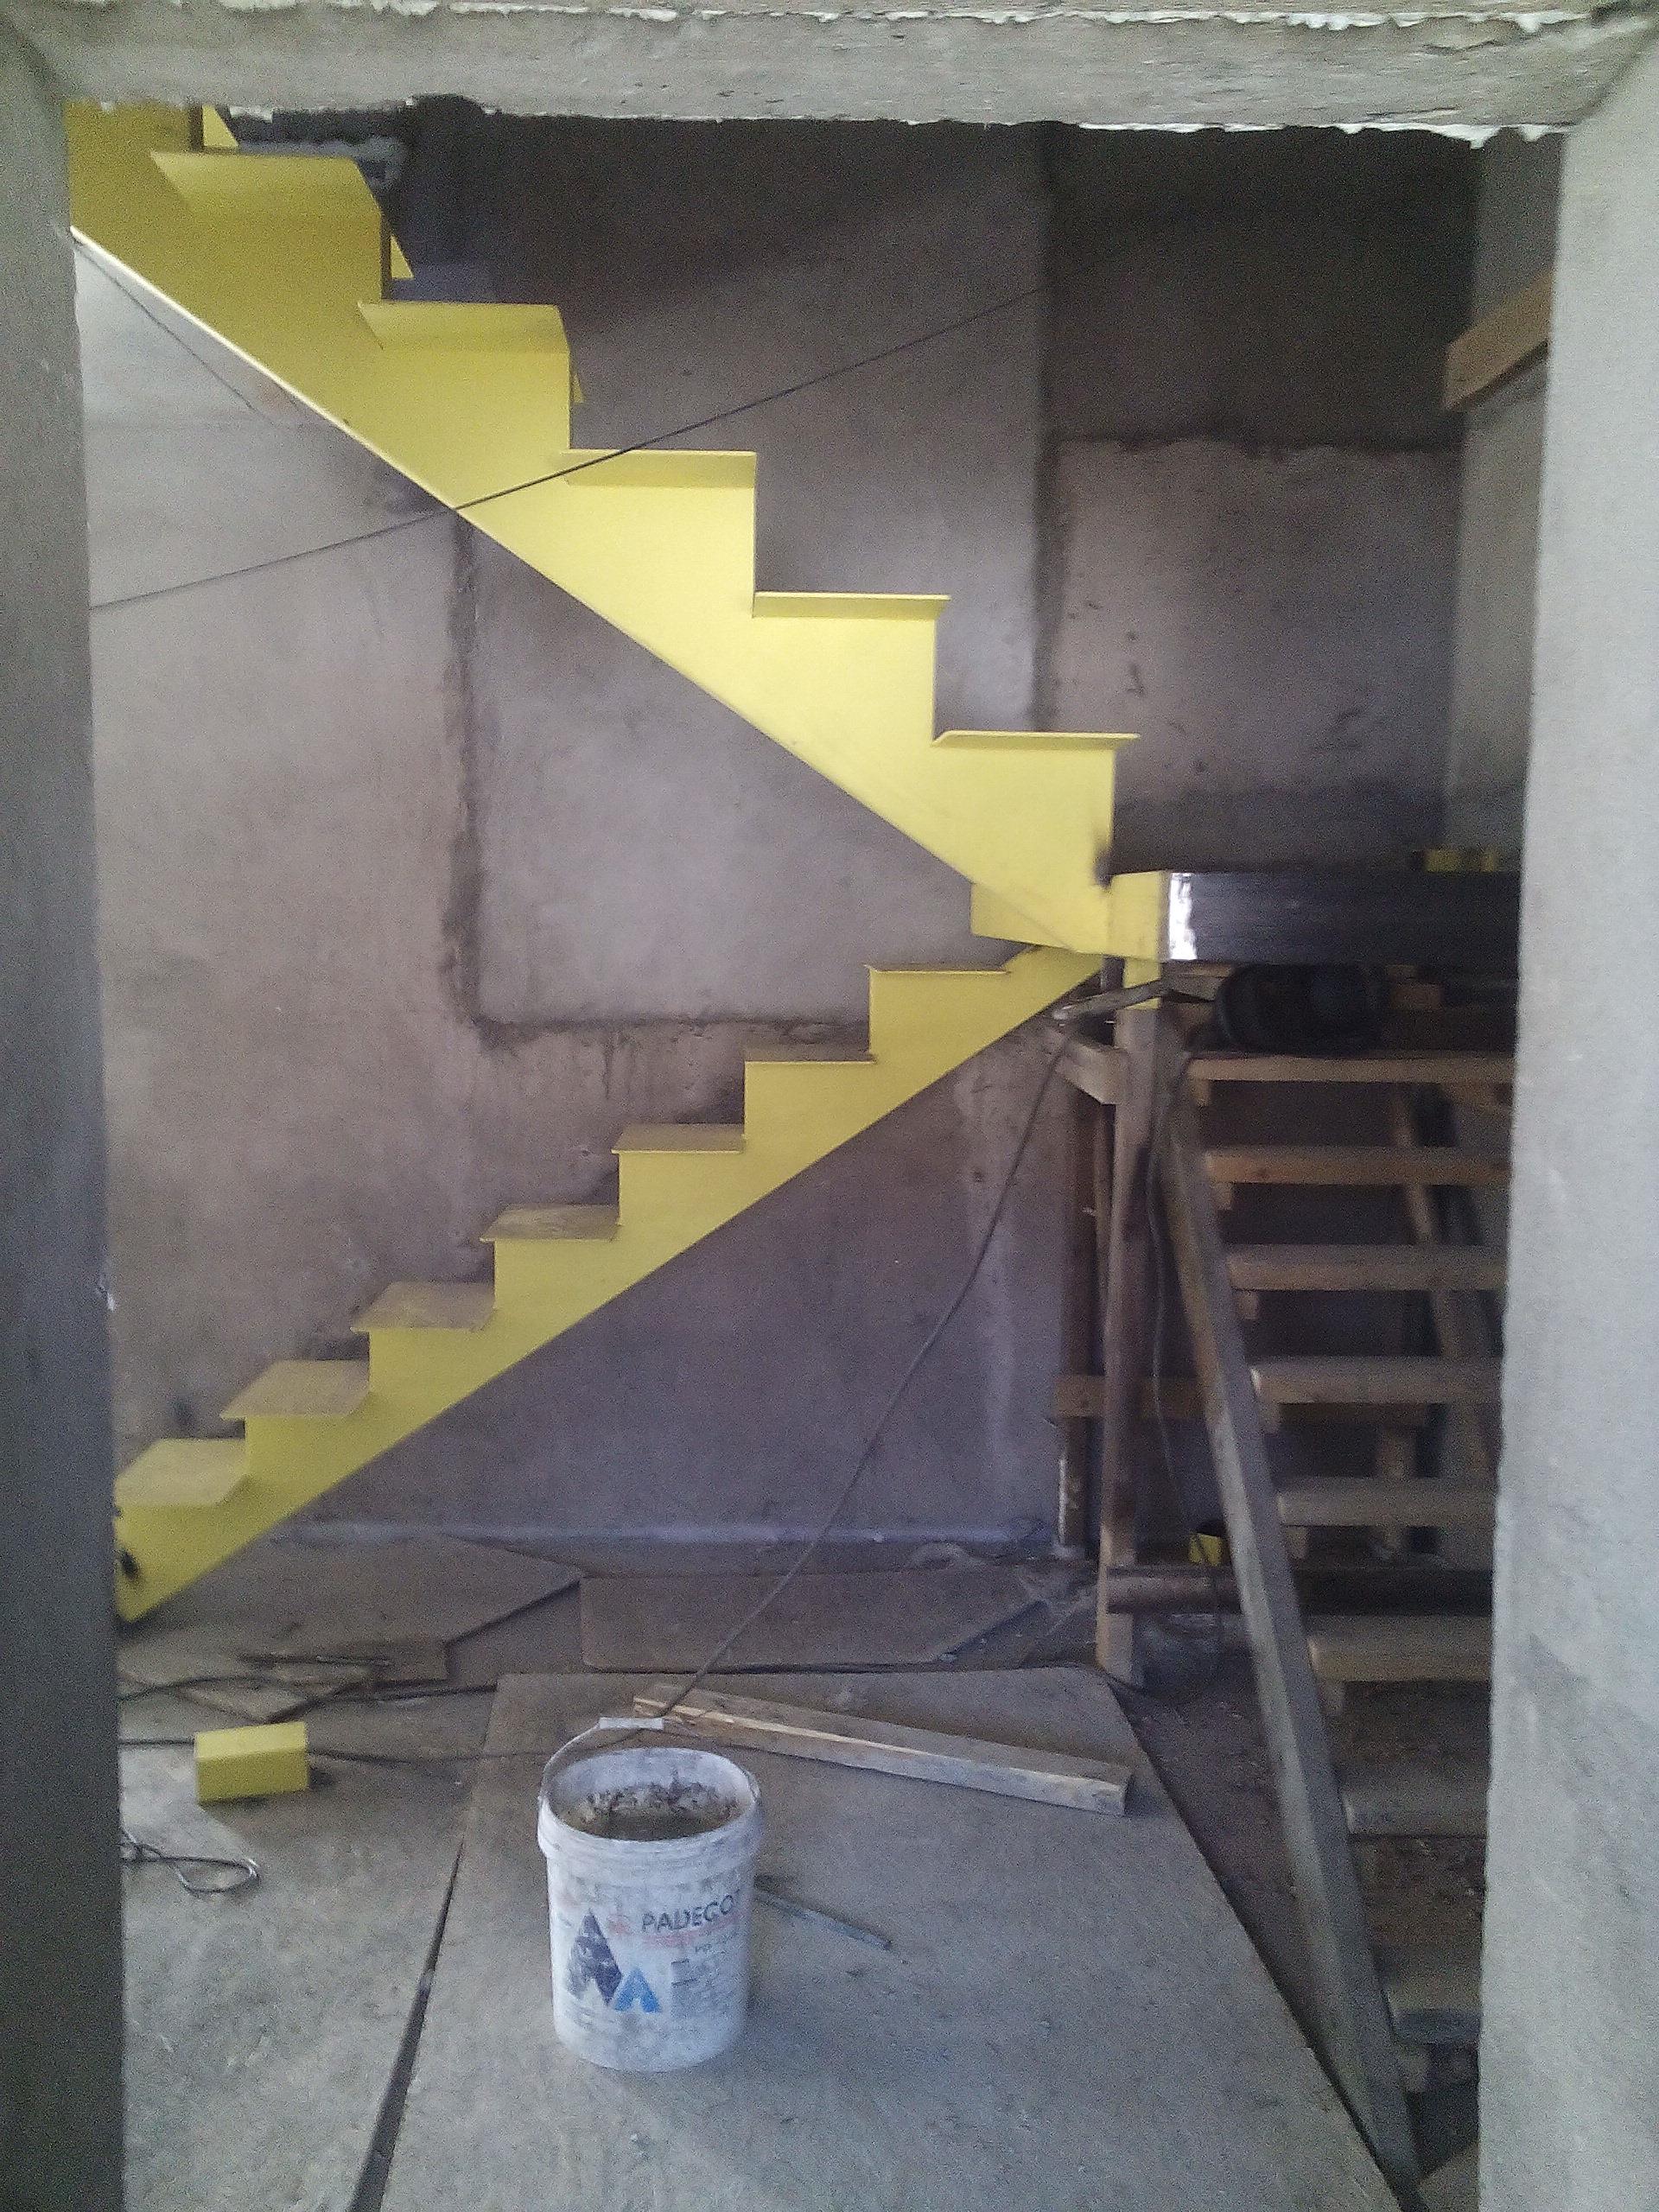 лестница стальная.лестница на одном косоуре с промежуточной площадкой. лестницы во владивостоке. металлическая лестница. стальная лестница с центральным косоуром. изготовление лестниц. стальные лестницы на заказ. сварные лестницы. лестница из профильной трубы. лестница с промежуточной площадкой.